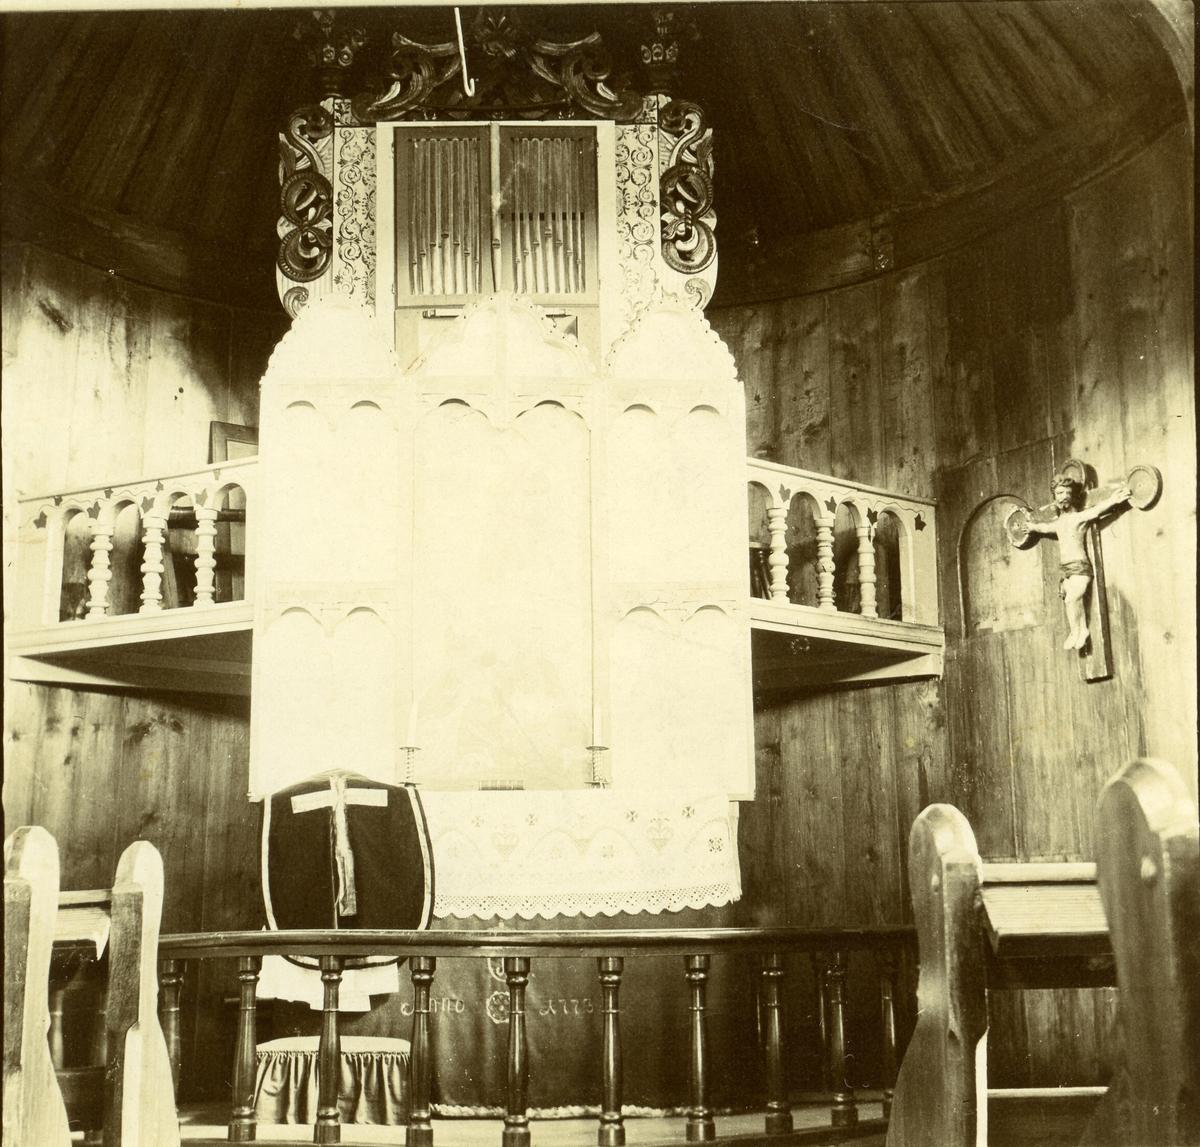 Reinli stavkyrkje, Sør-Aurdal. Fra koret med altertavla.